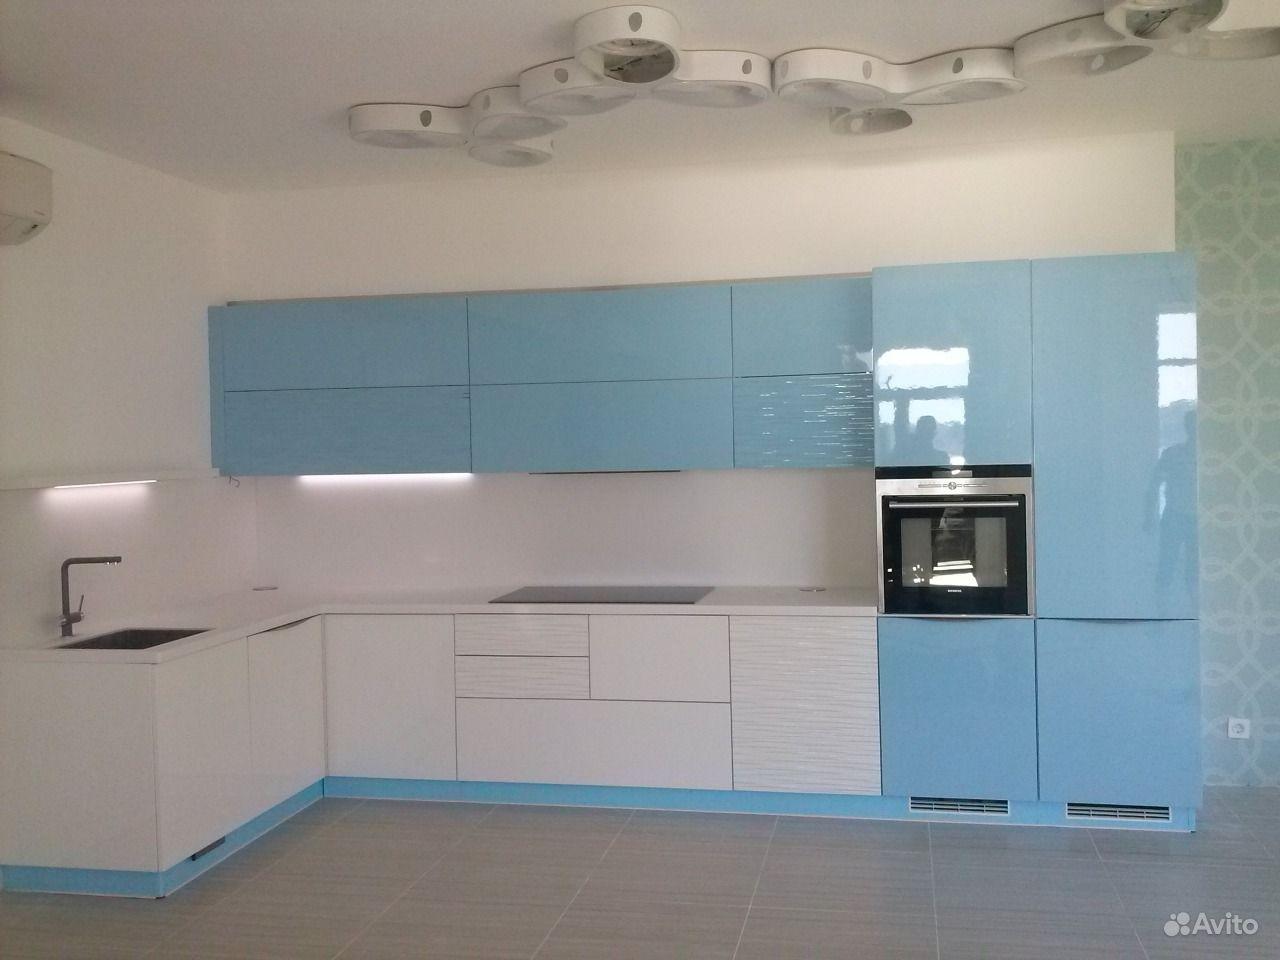 Мебель на заказ от производителя купить на Вуёк.ру - фотография № 3